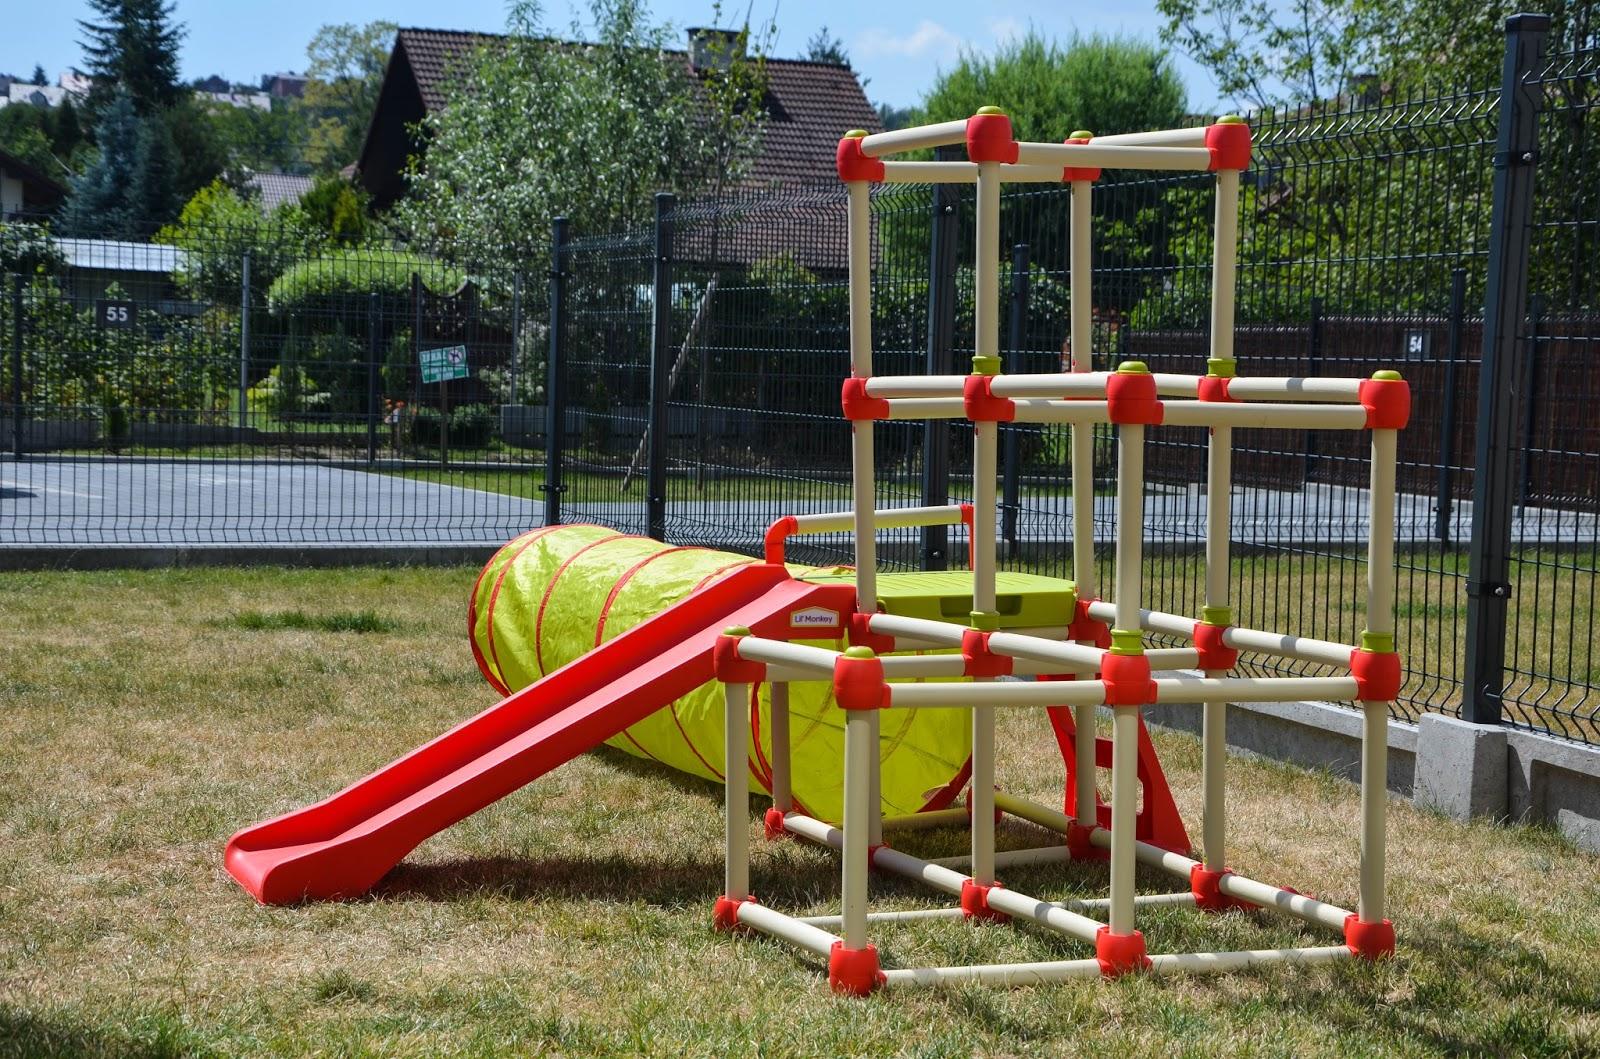 zabawki ogrodowe, w co się bawić na dworze, przydomowy plac zabaw,